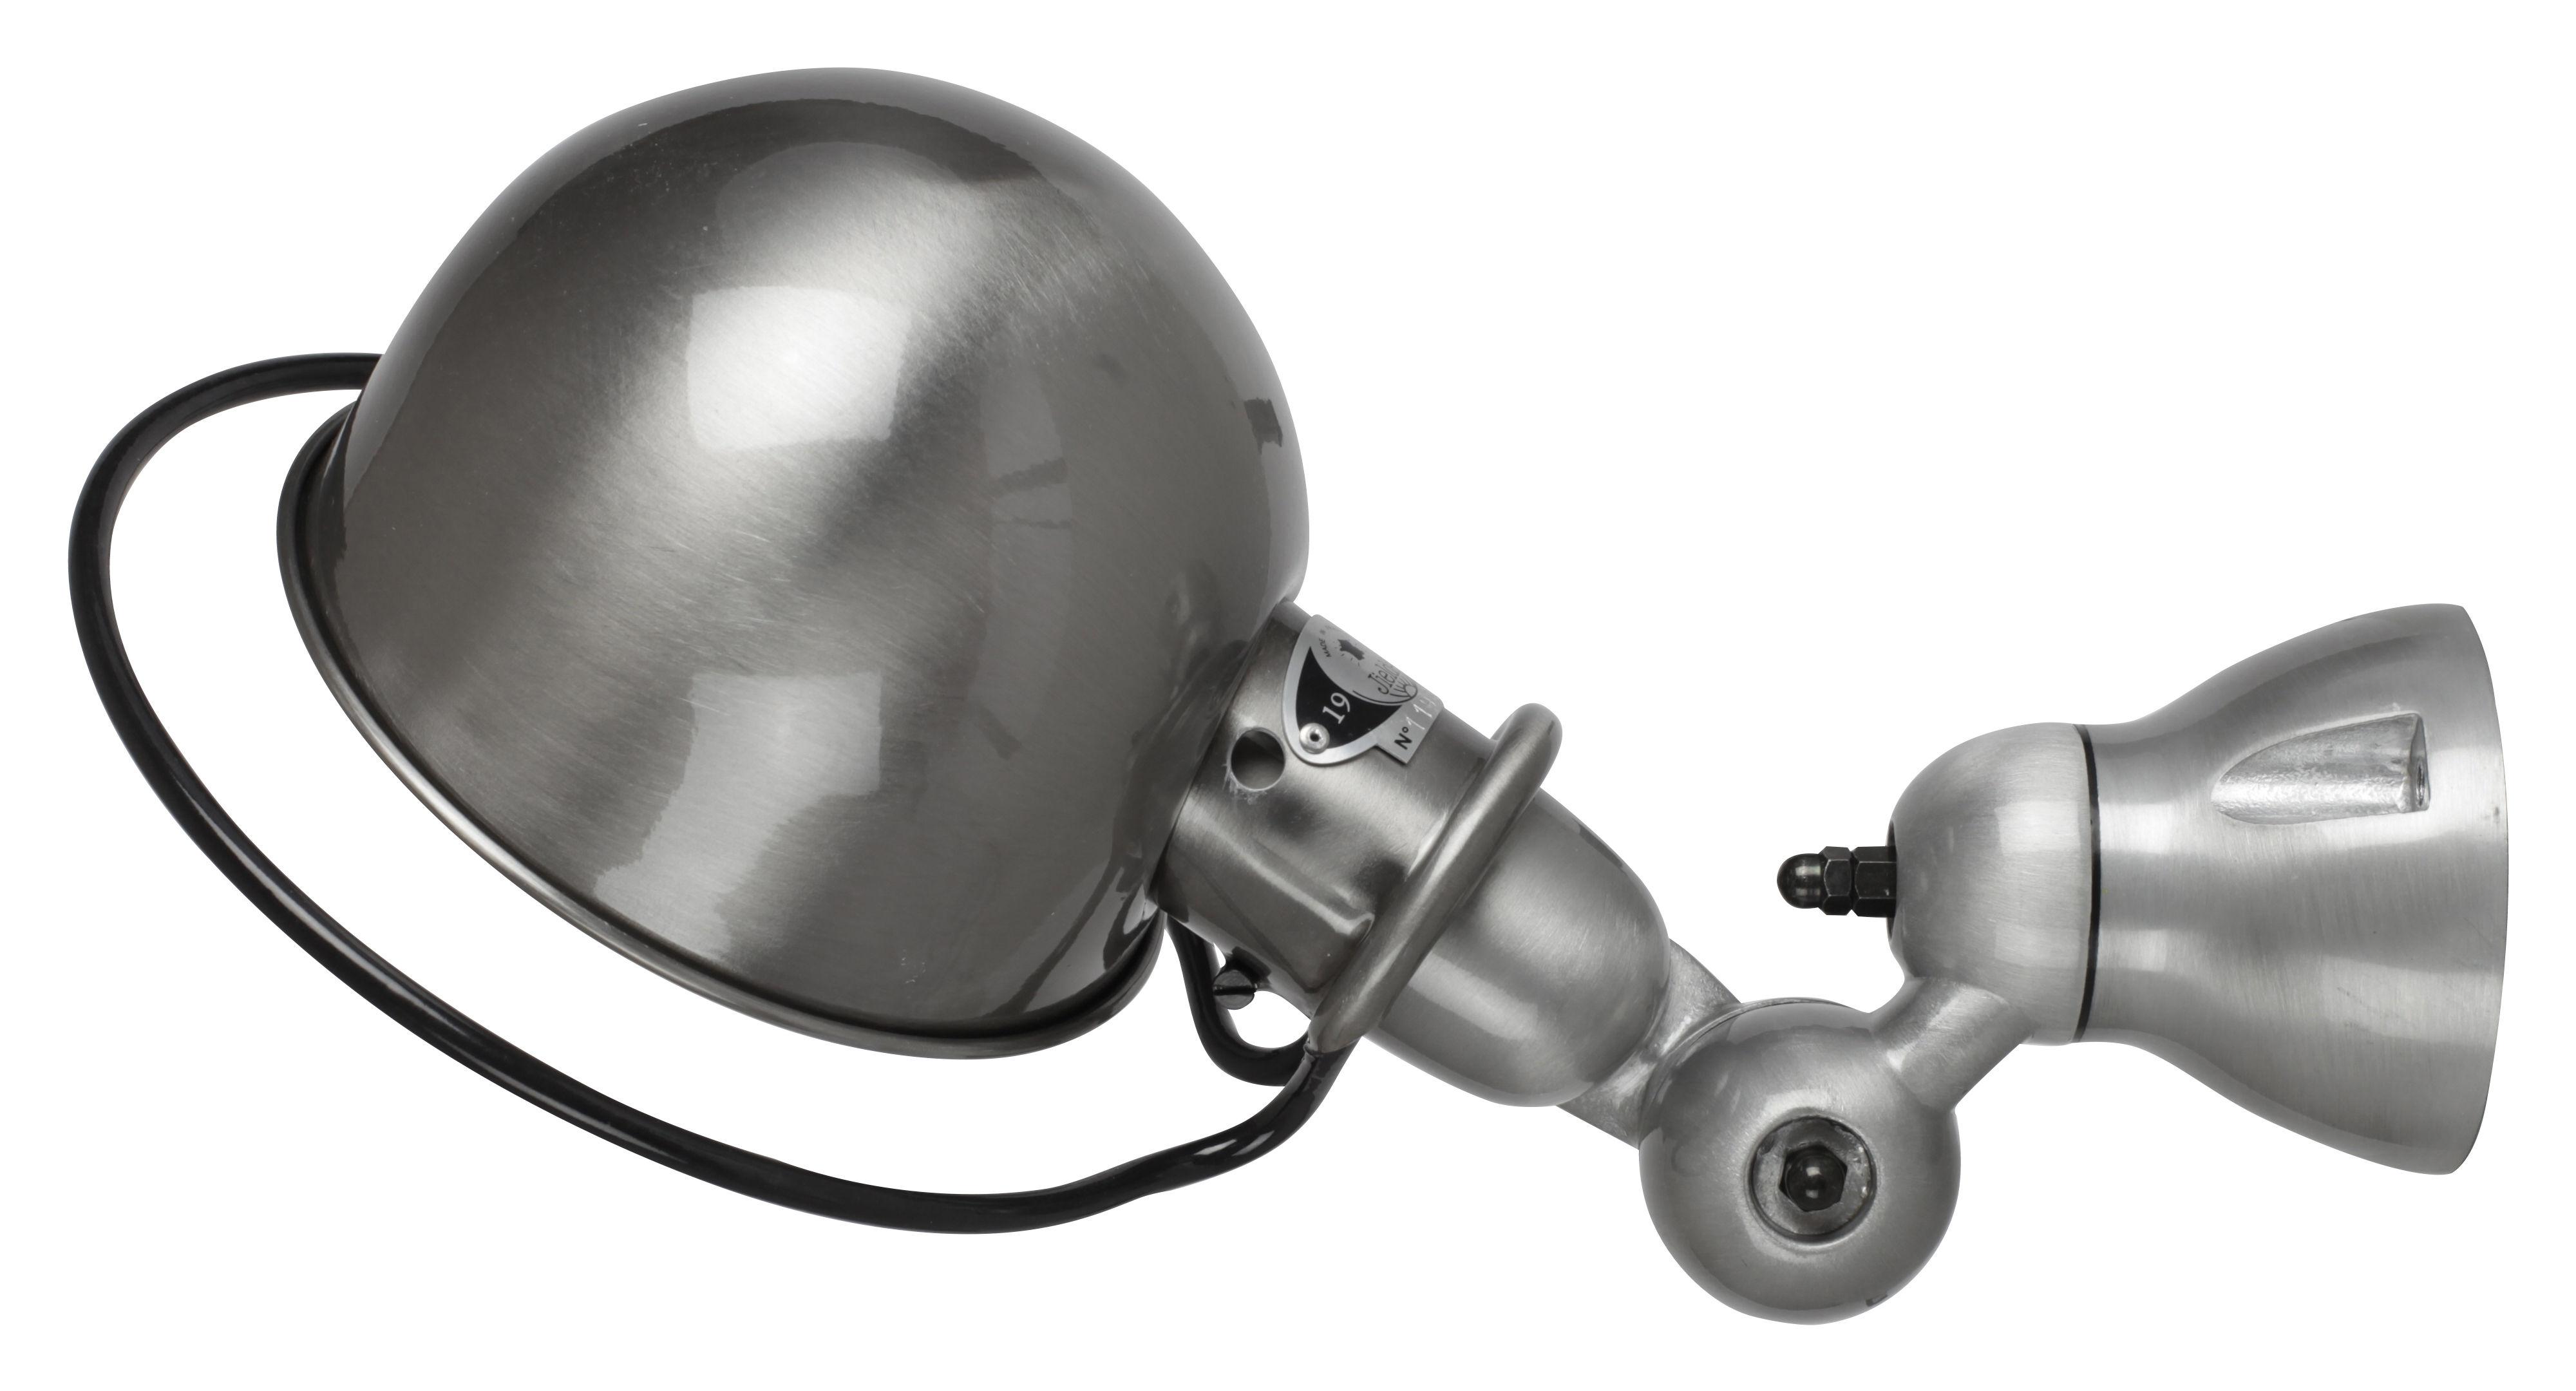 Leuchten - Wandleuchten - Loft Wandleuchte Ø 15 cm - Jieldé - Edelstahl, gebürstet - gebürsteter rostfreier Stahl, Porzellan